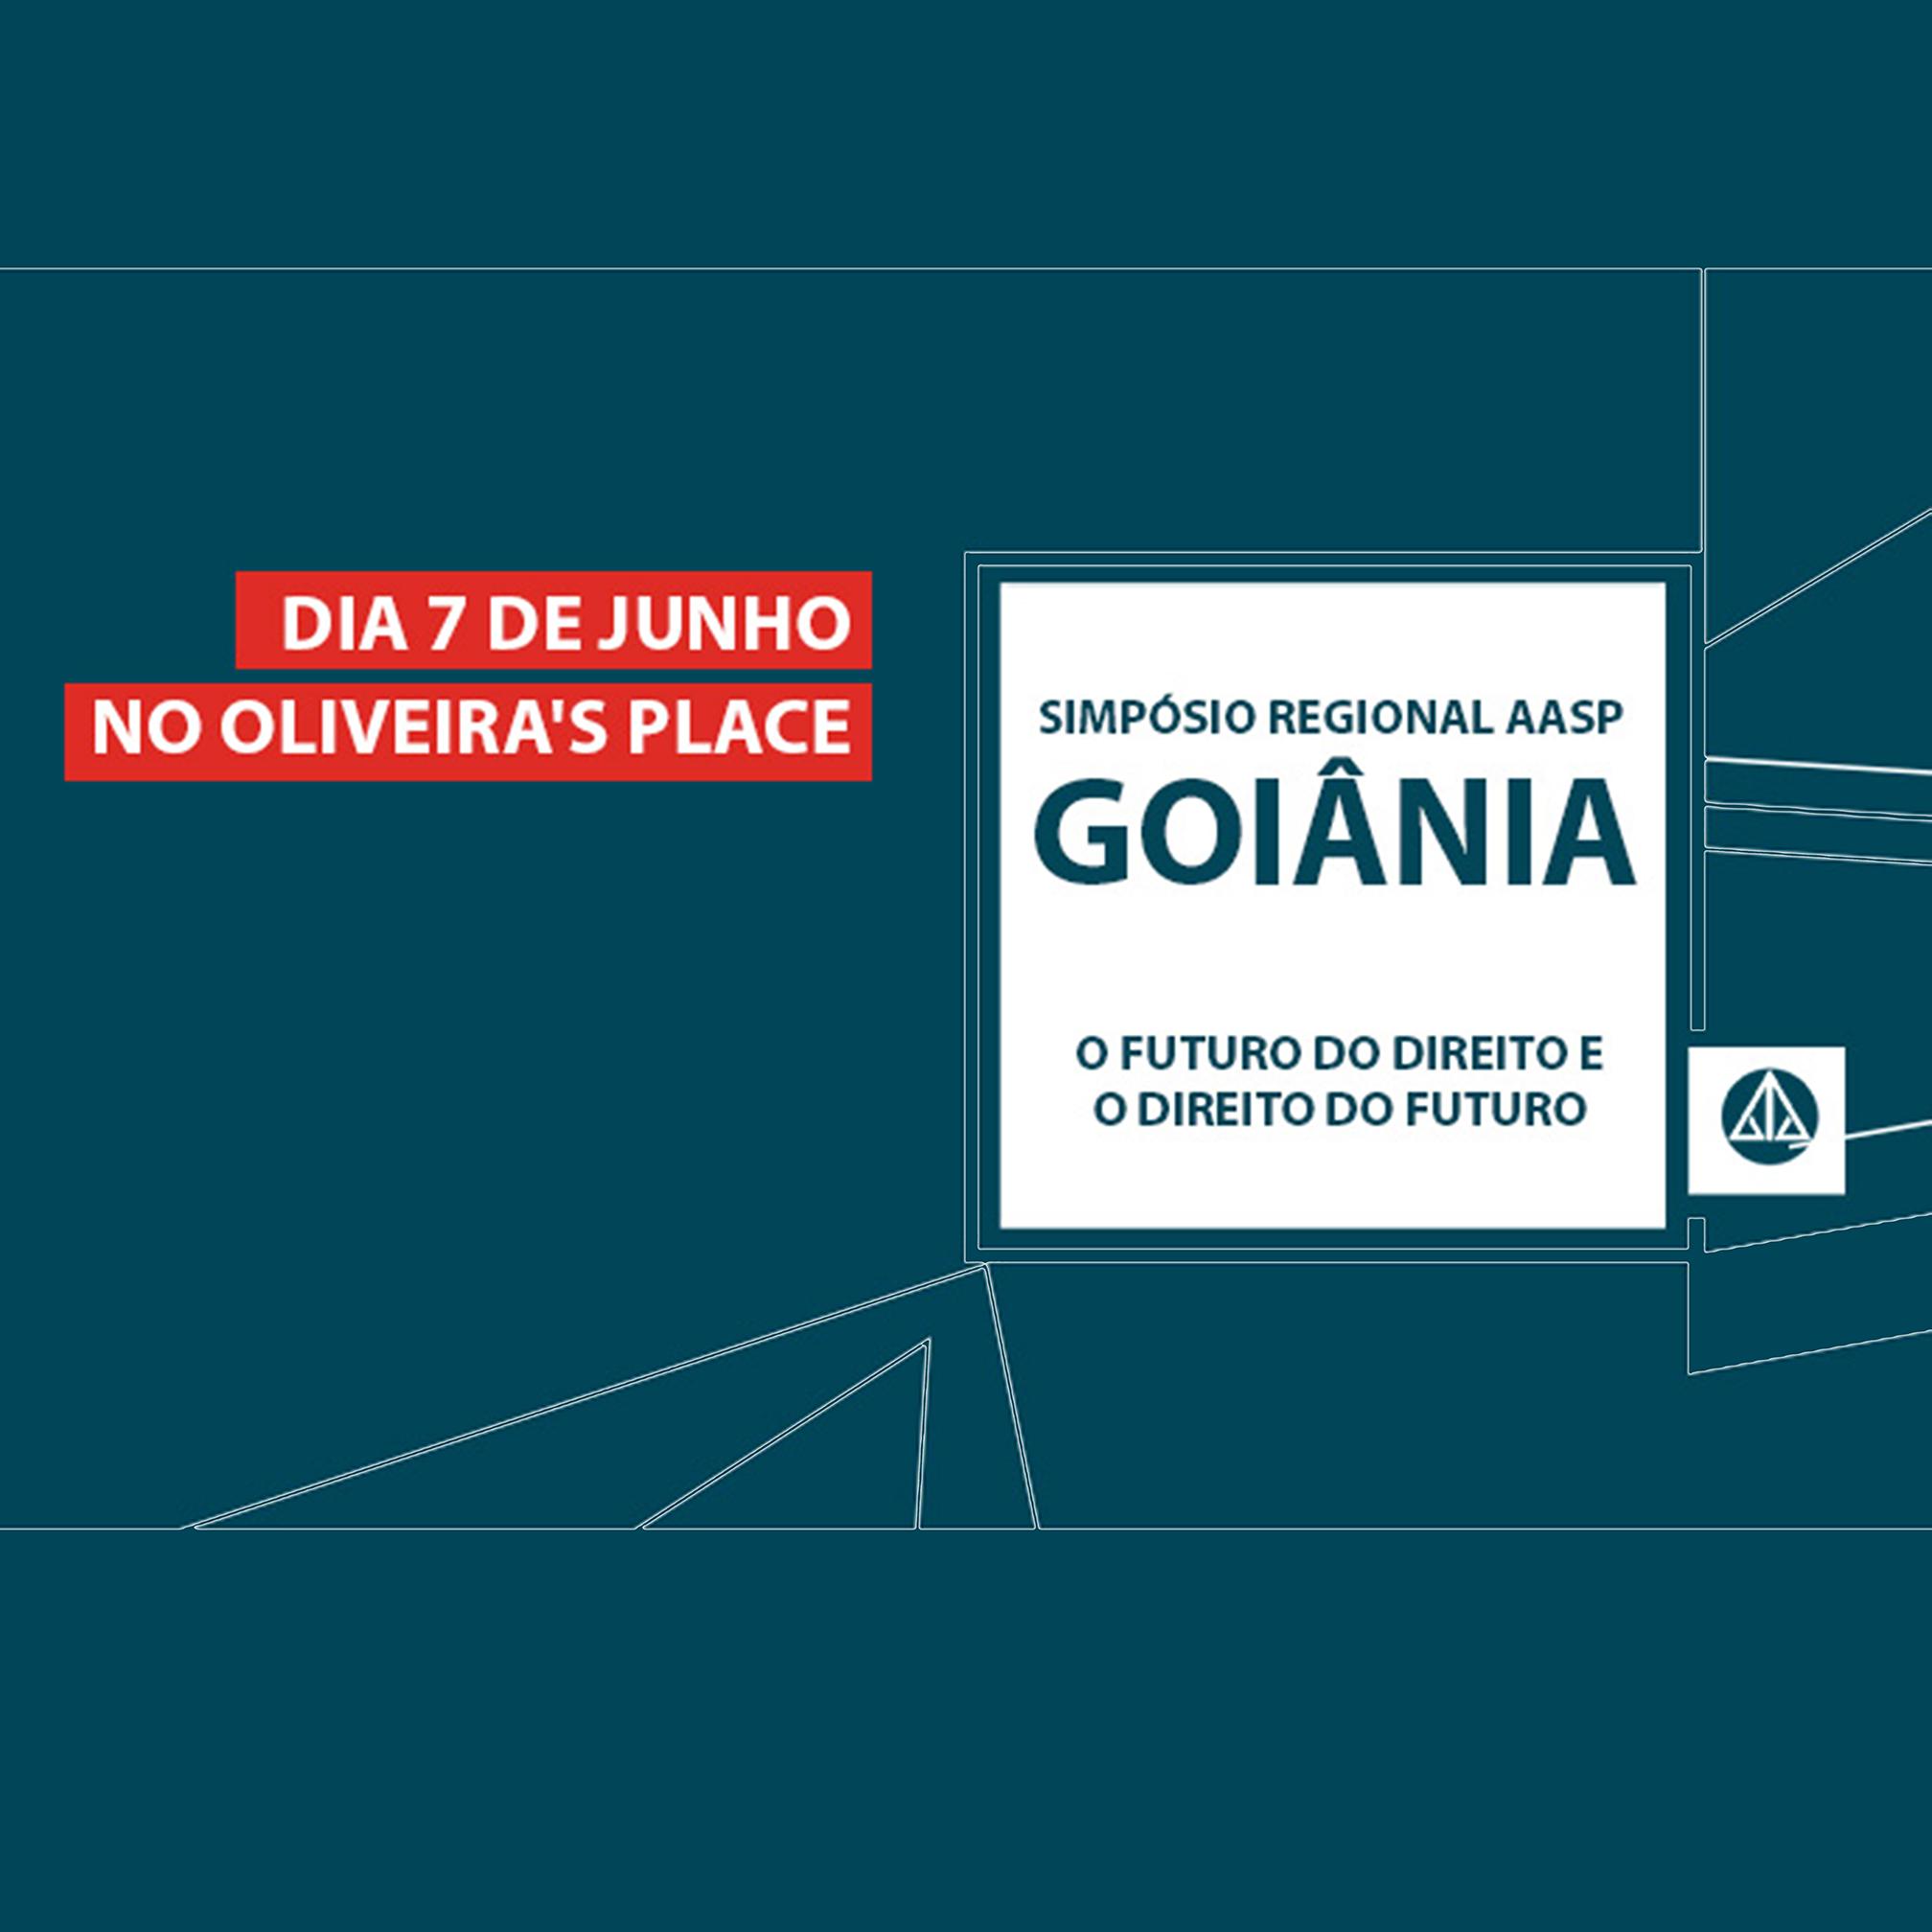 07.06 - Simpósio Regional AASP Goiânia